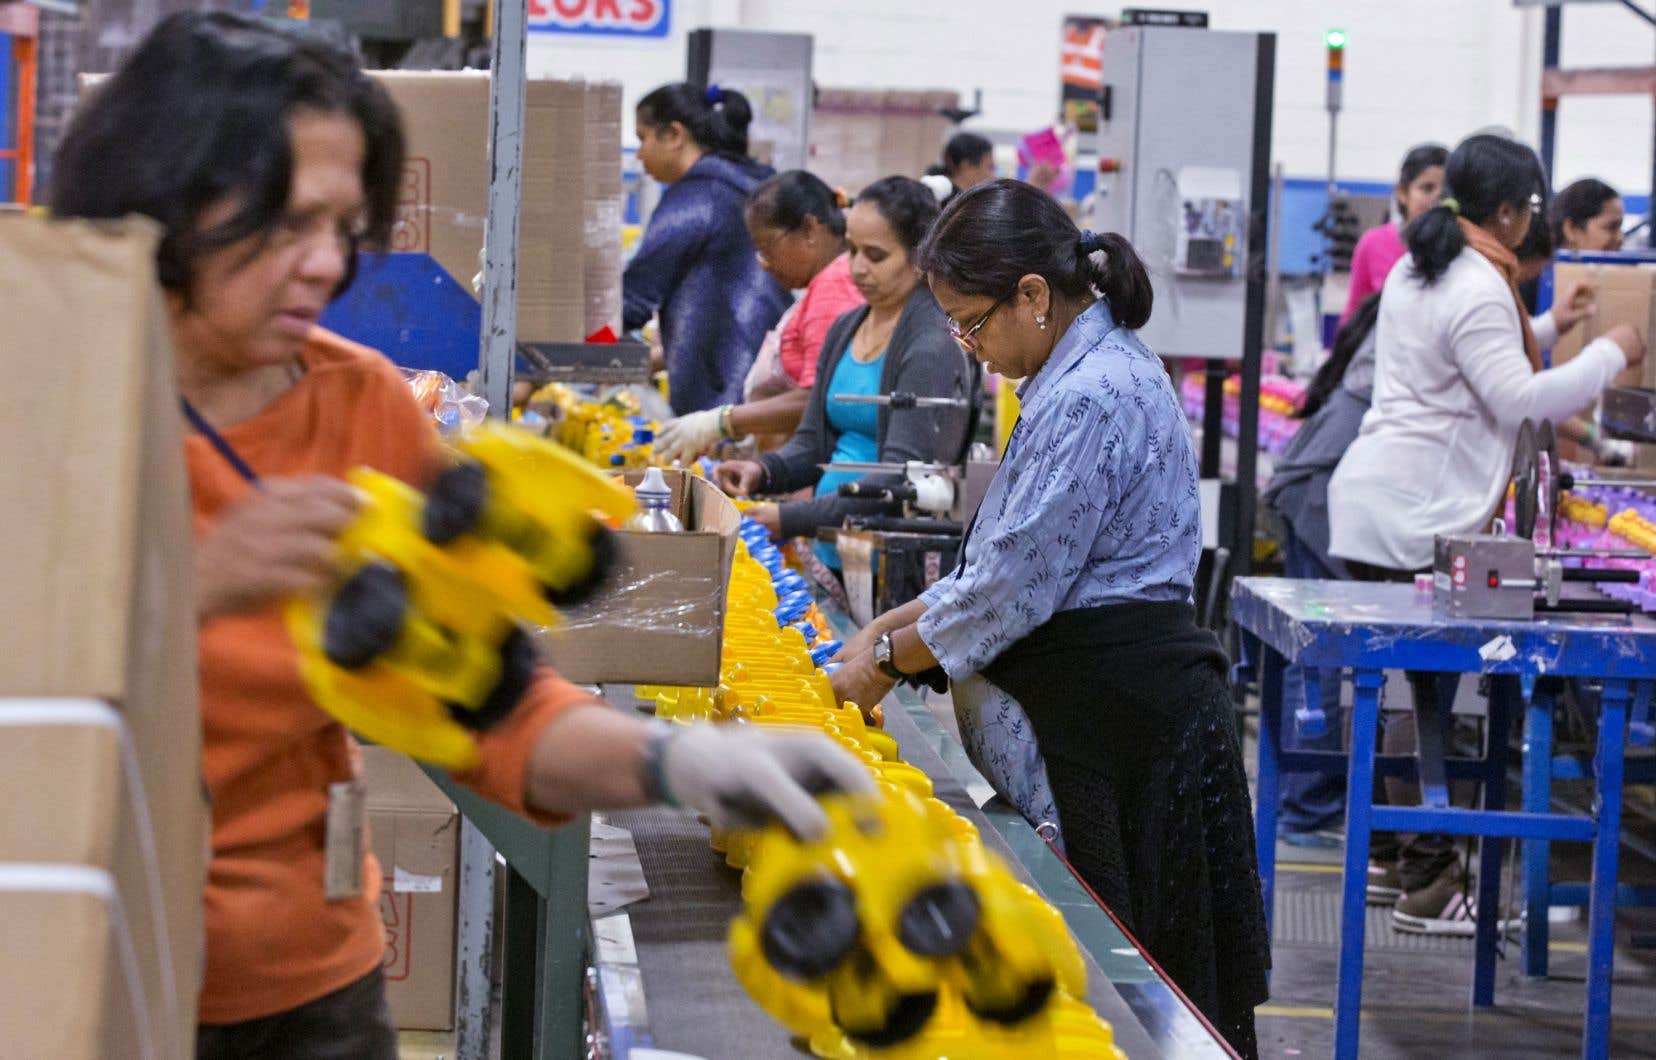 Les immigrants qui travaillent au Canada sont notamment victimes d'une mauvaise reconnaissance de l'expérience acquise à l'étranger.